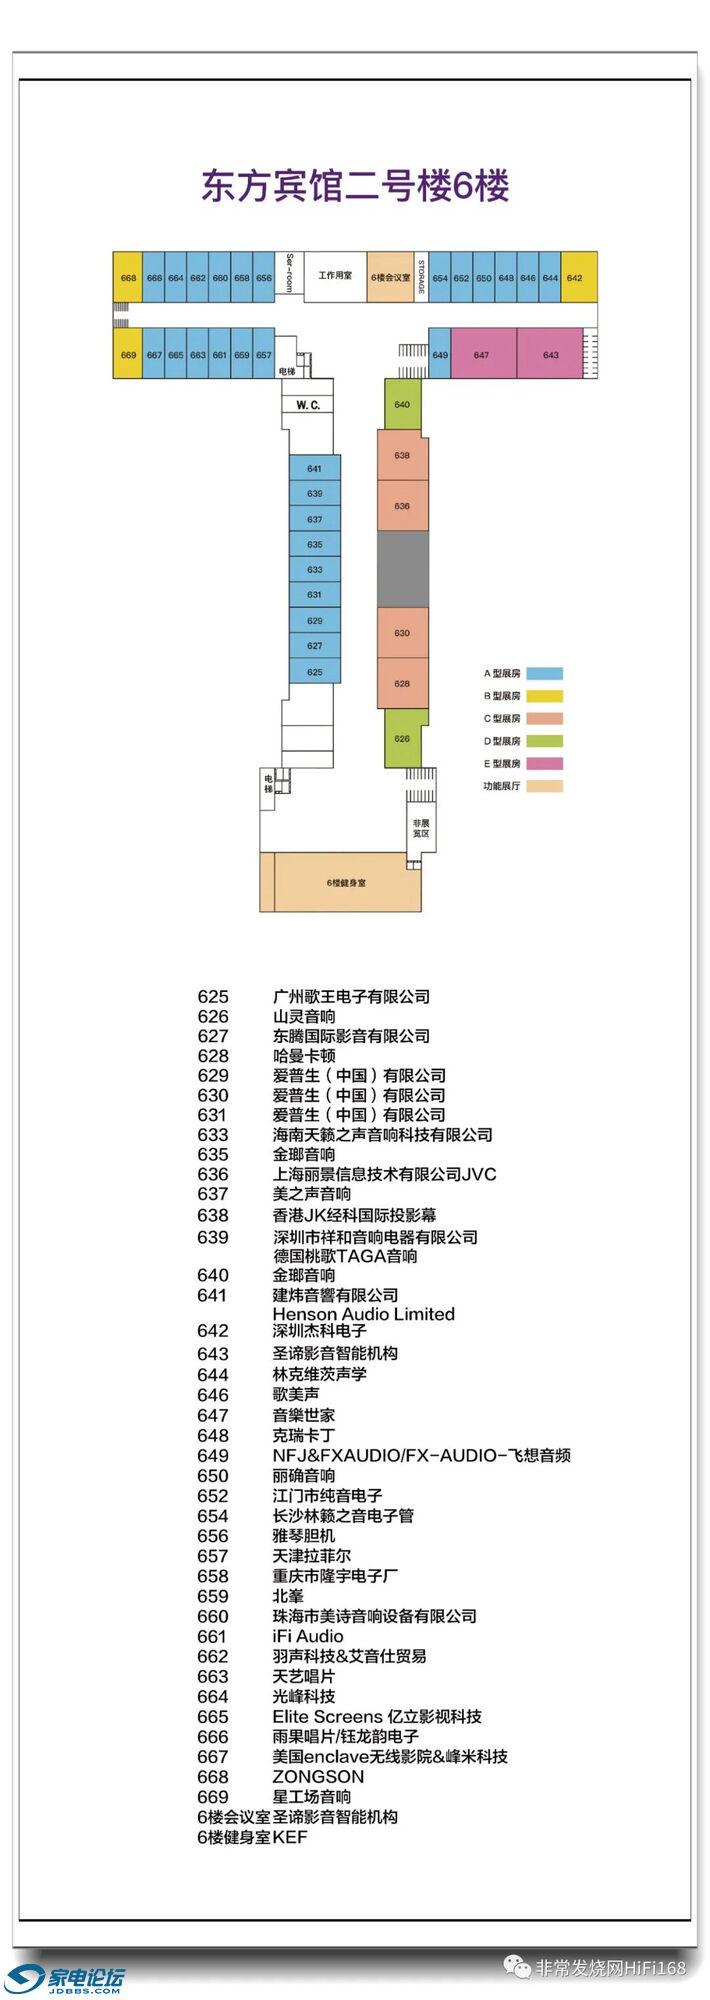 2021年广州国际音响唱片展_006_副本.jpg